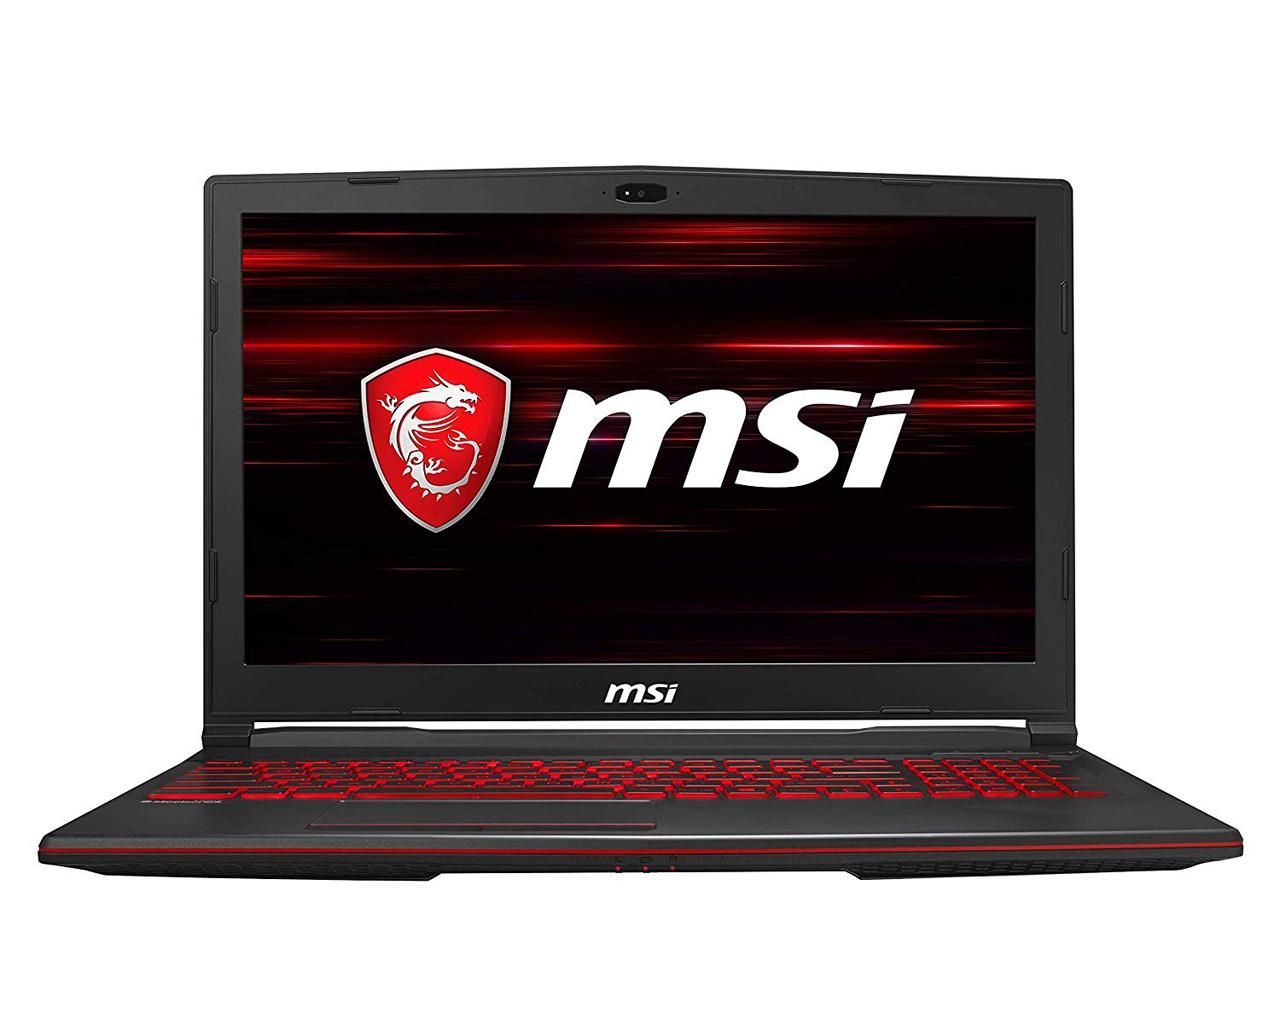 """MSI GL63 9SD GTX 1660 Titanium (6 GB) - i7-9750H/16 GB/256 GB SSD + 1 TB HDD/15,6"""" FHD/Win 10 DEMO"""